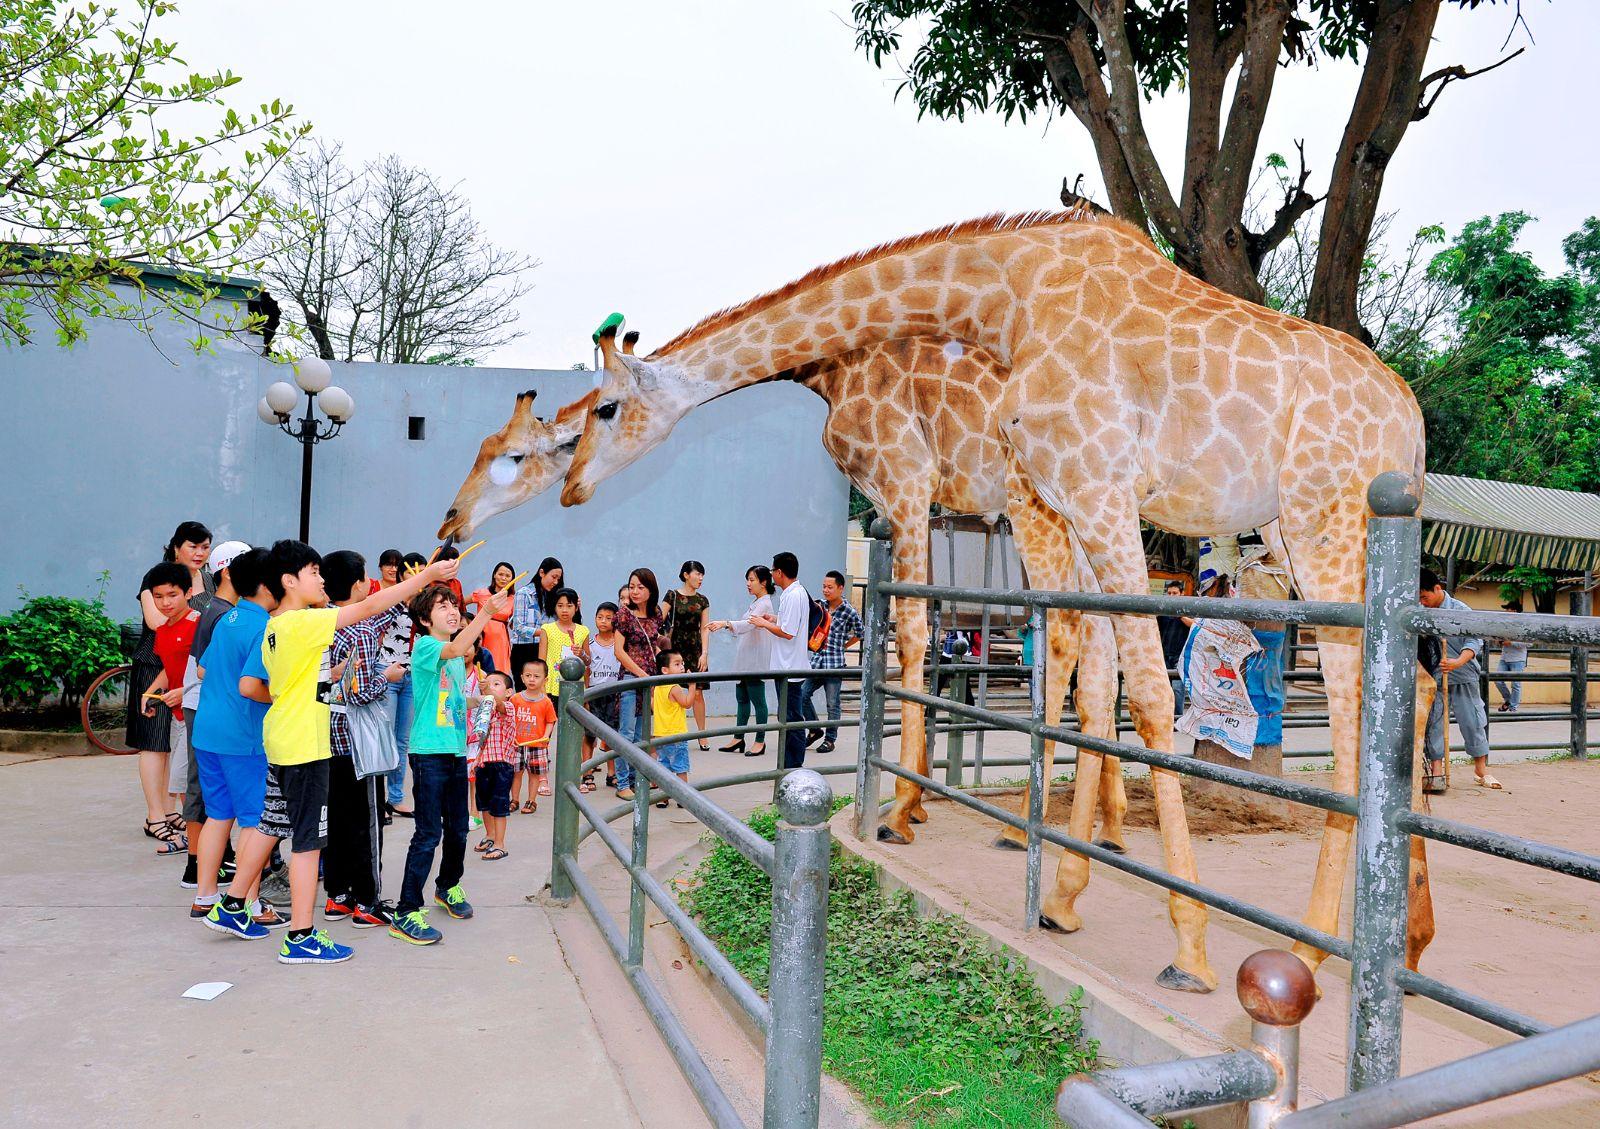 Tiếp cận trực tiếp các con vật ở sở thú giúp trẻ ghi nhớ kiến thức sinh động hơn